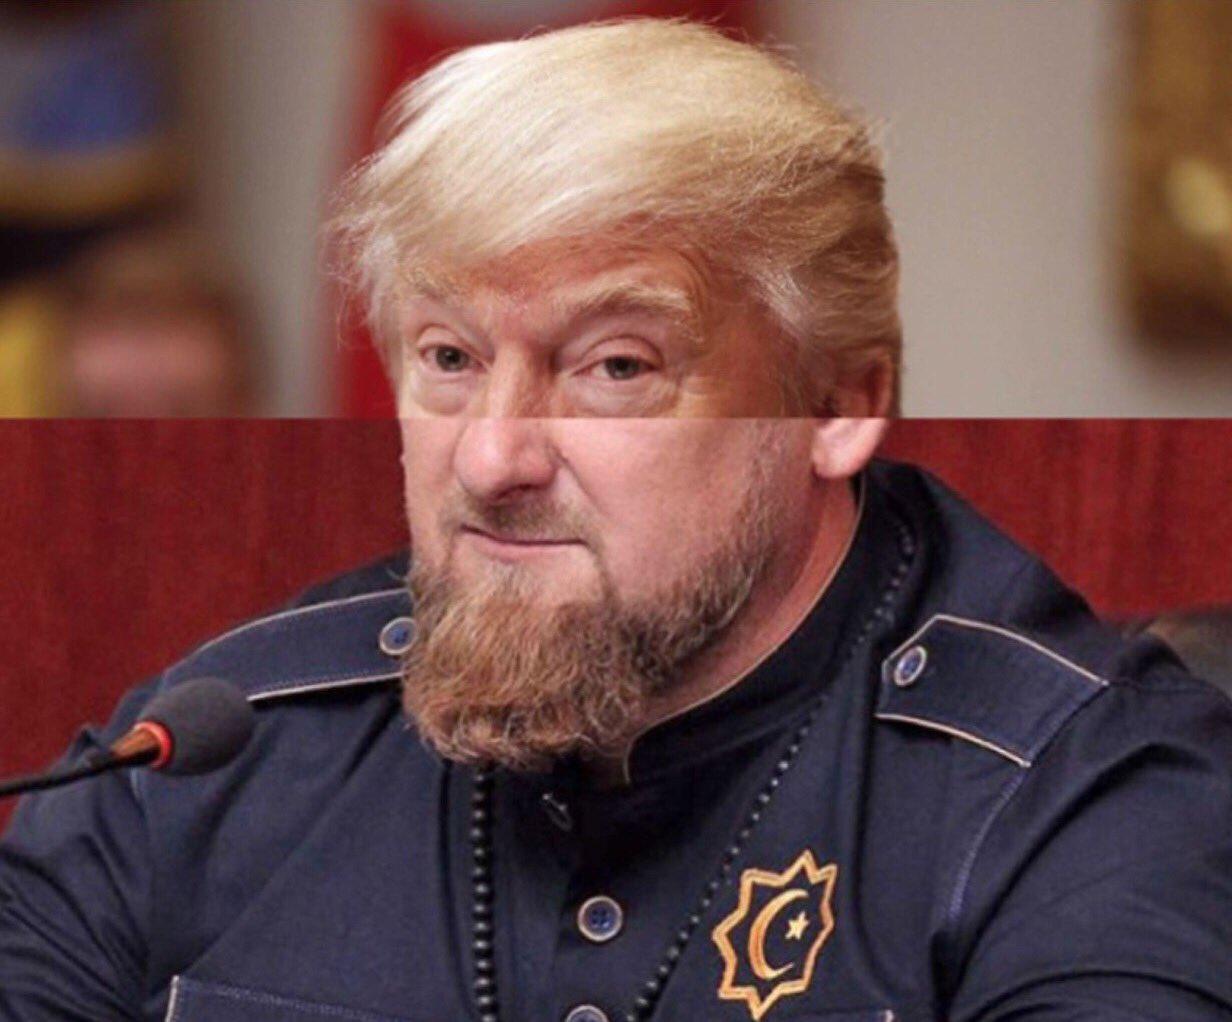 Путин отменил уголовное наказание за домашние побои - Цензор.НЕТ 3981